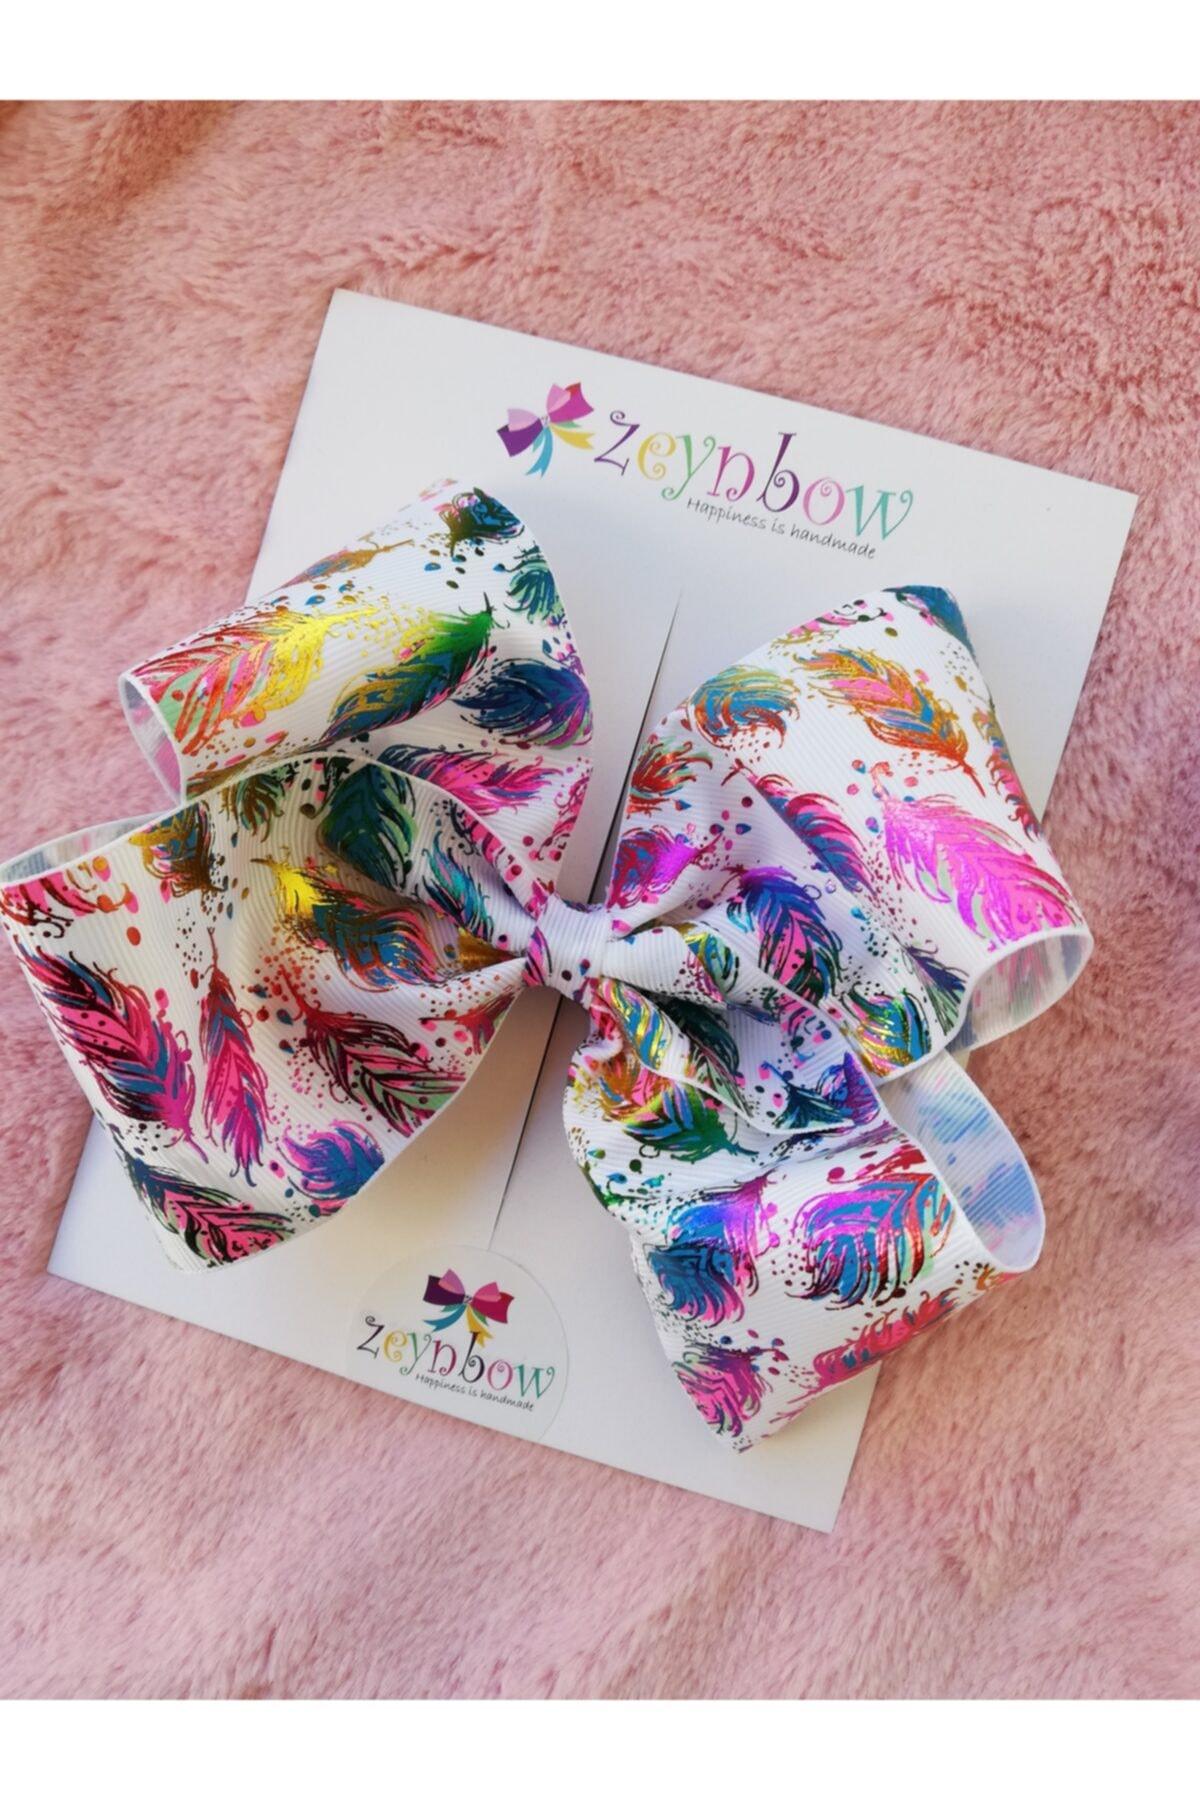 Zeynbow Kız Çocuk Rainbow Yaprak Fiyonk Toka 1